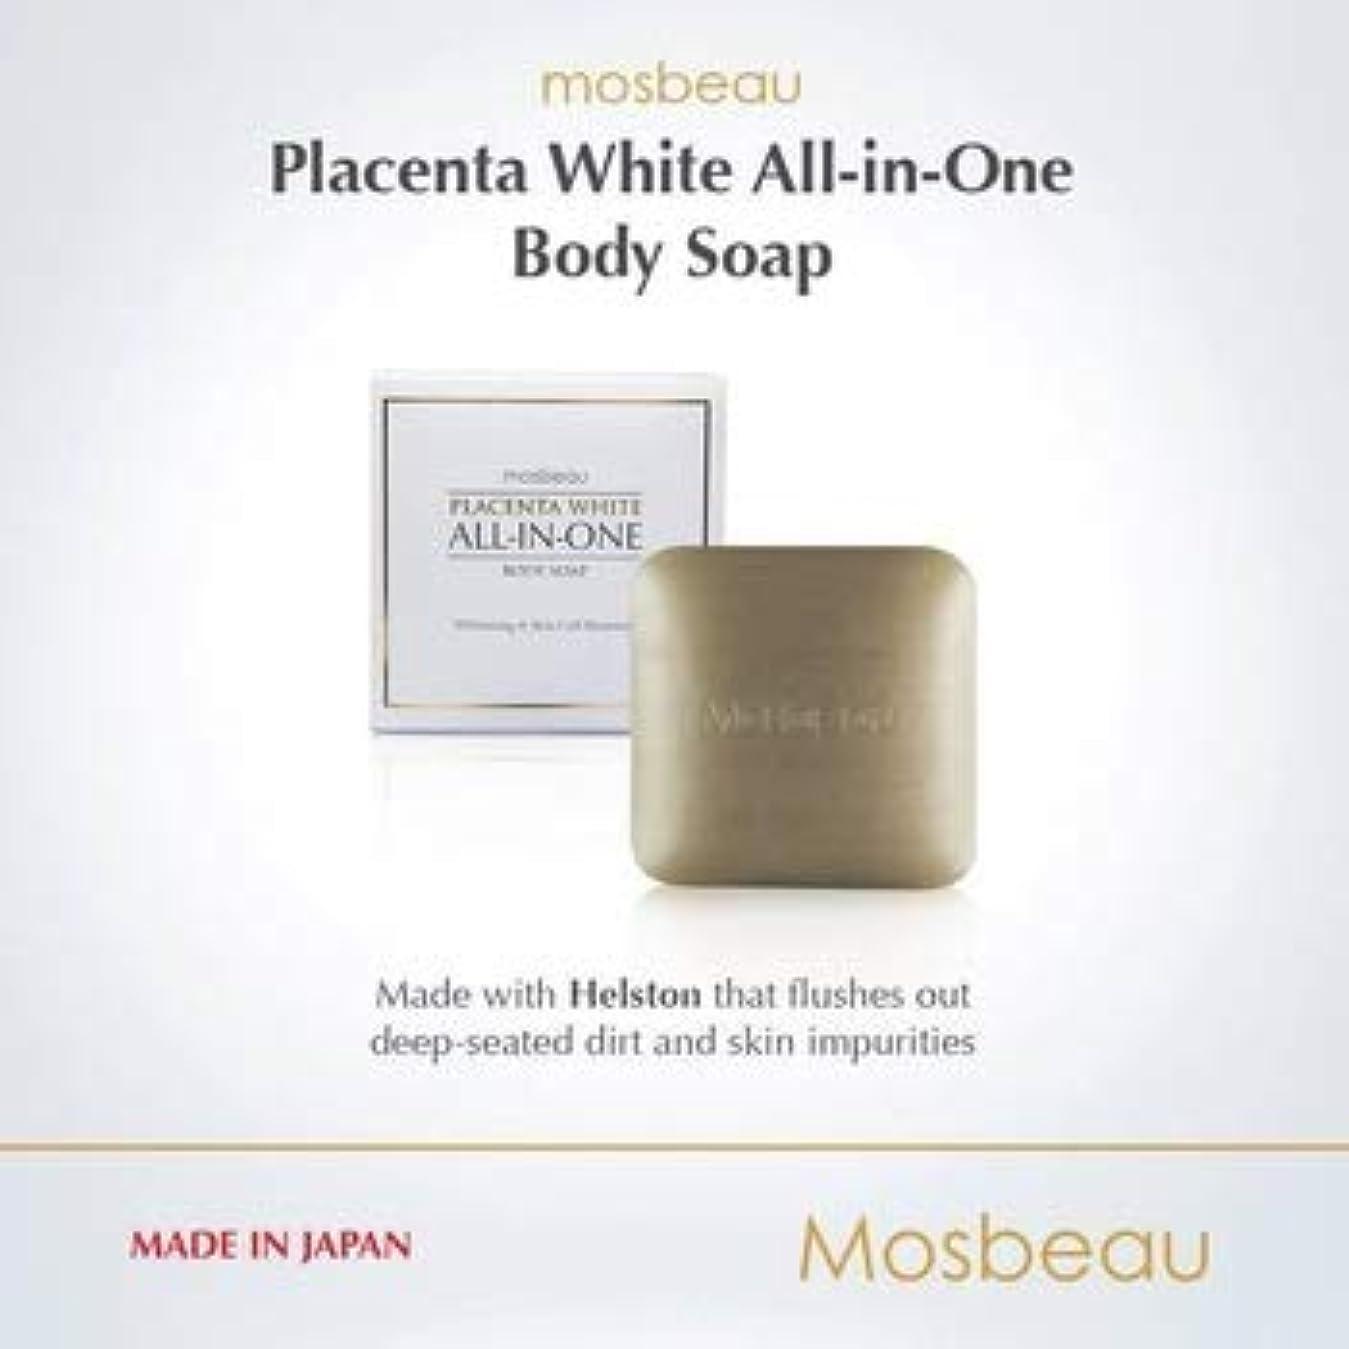 層お香ポルノmosbeau ALL-IN-ONE BODY SOAP 120g モスビュー オールインワン ボディーソープ